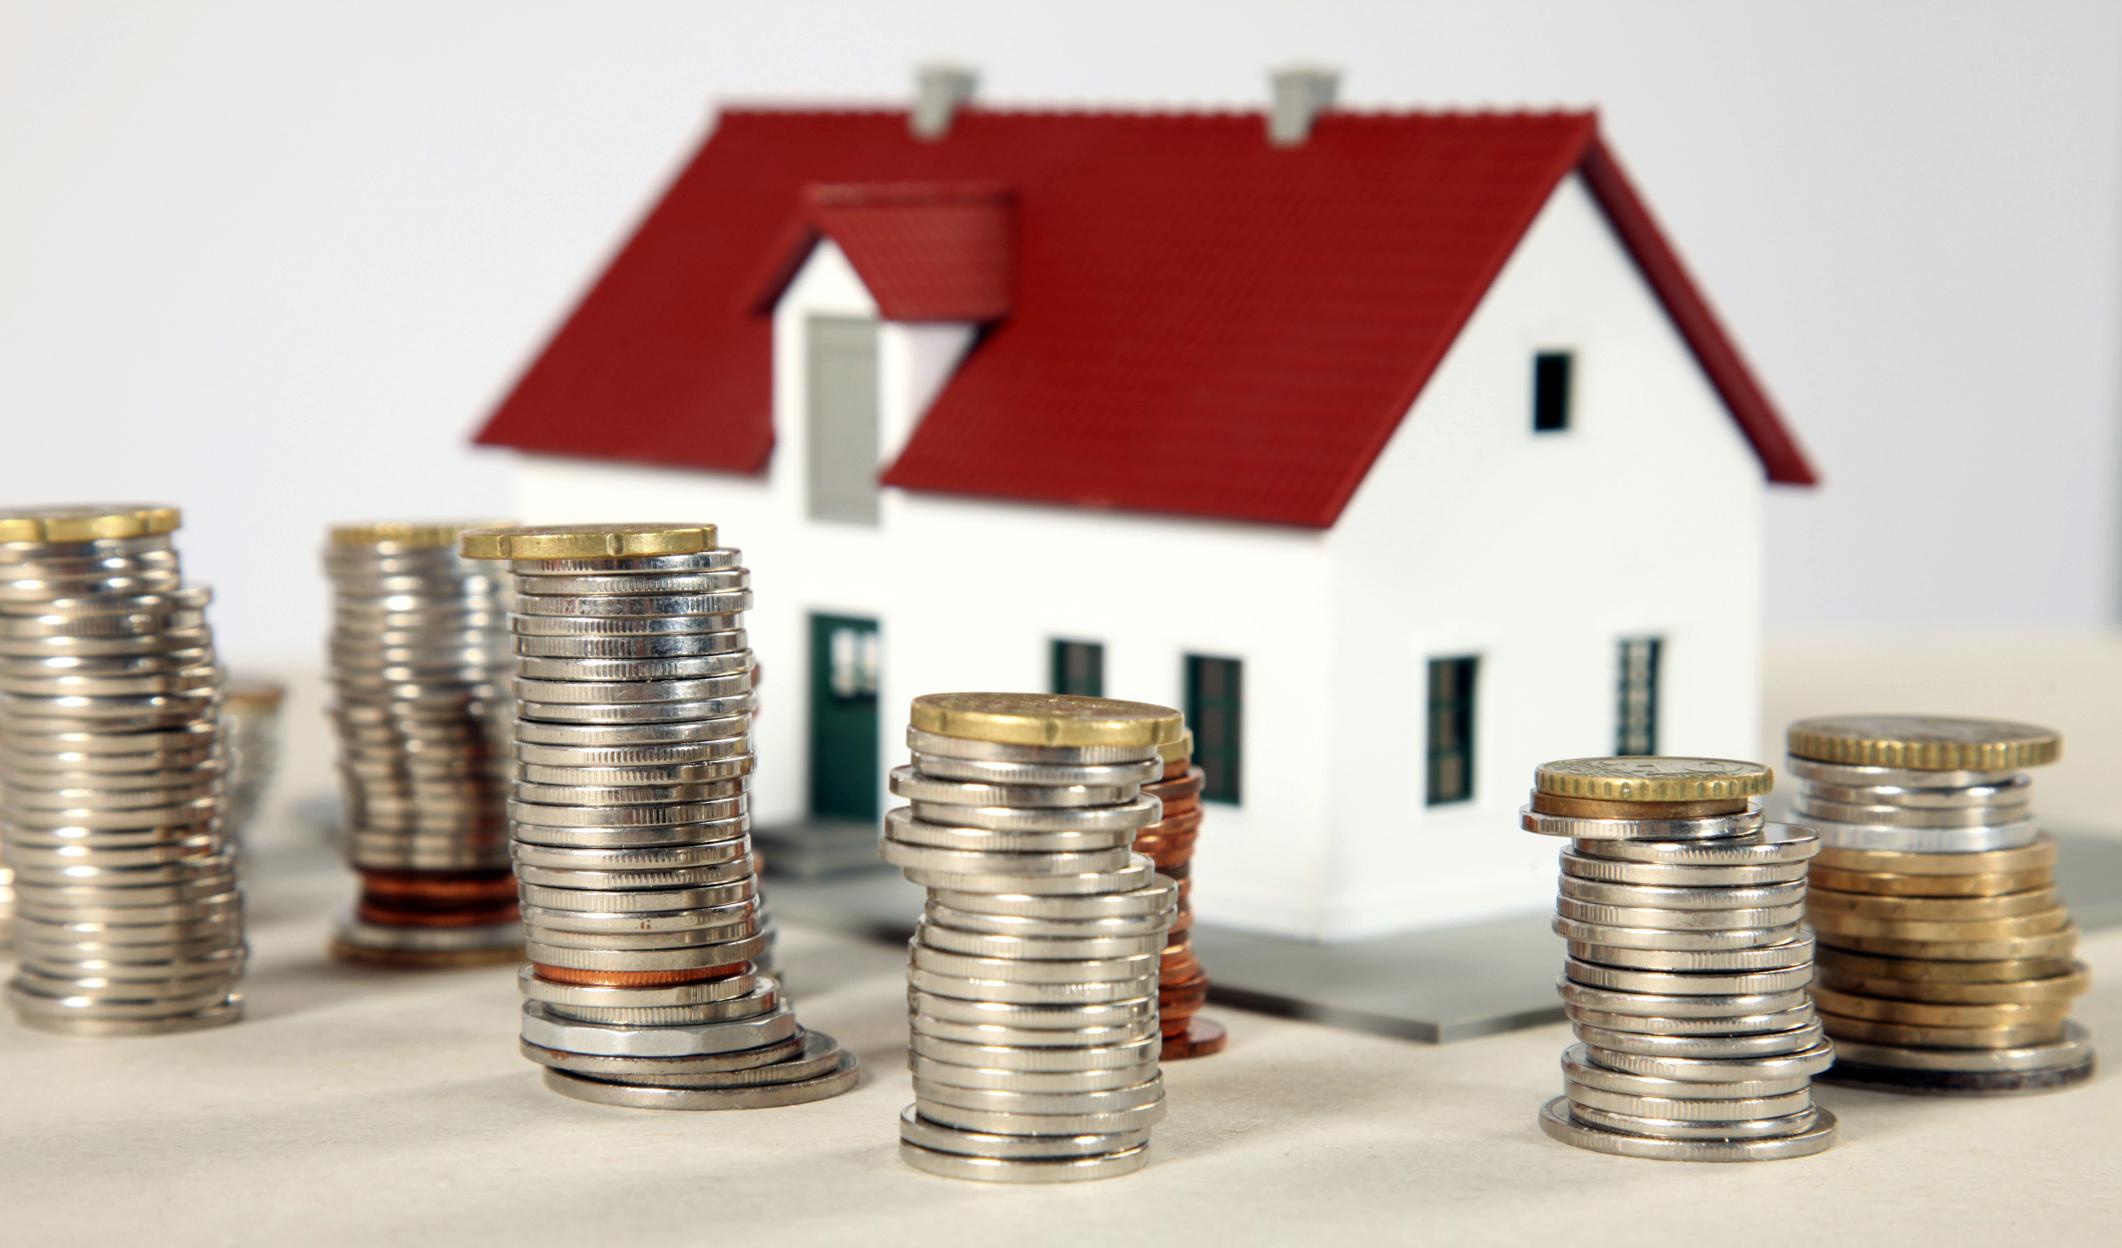 مقصد جدید خریداران مسکن/ قیمتهای عجیب خانه های اجارهای